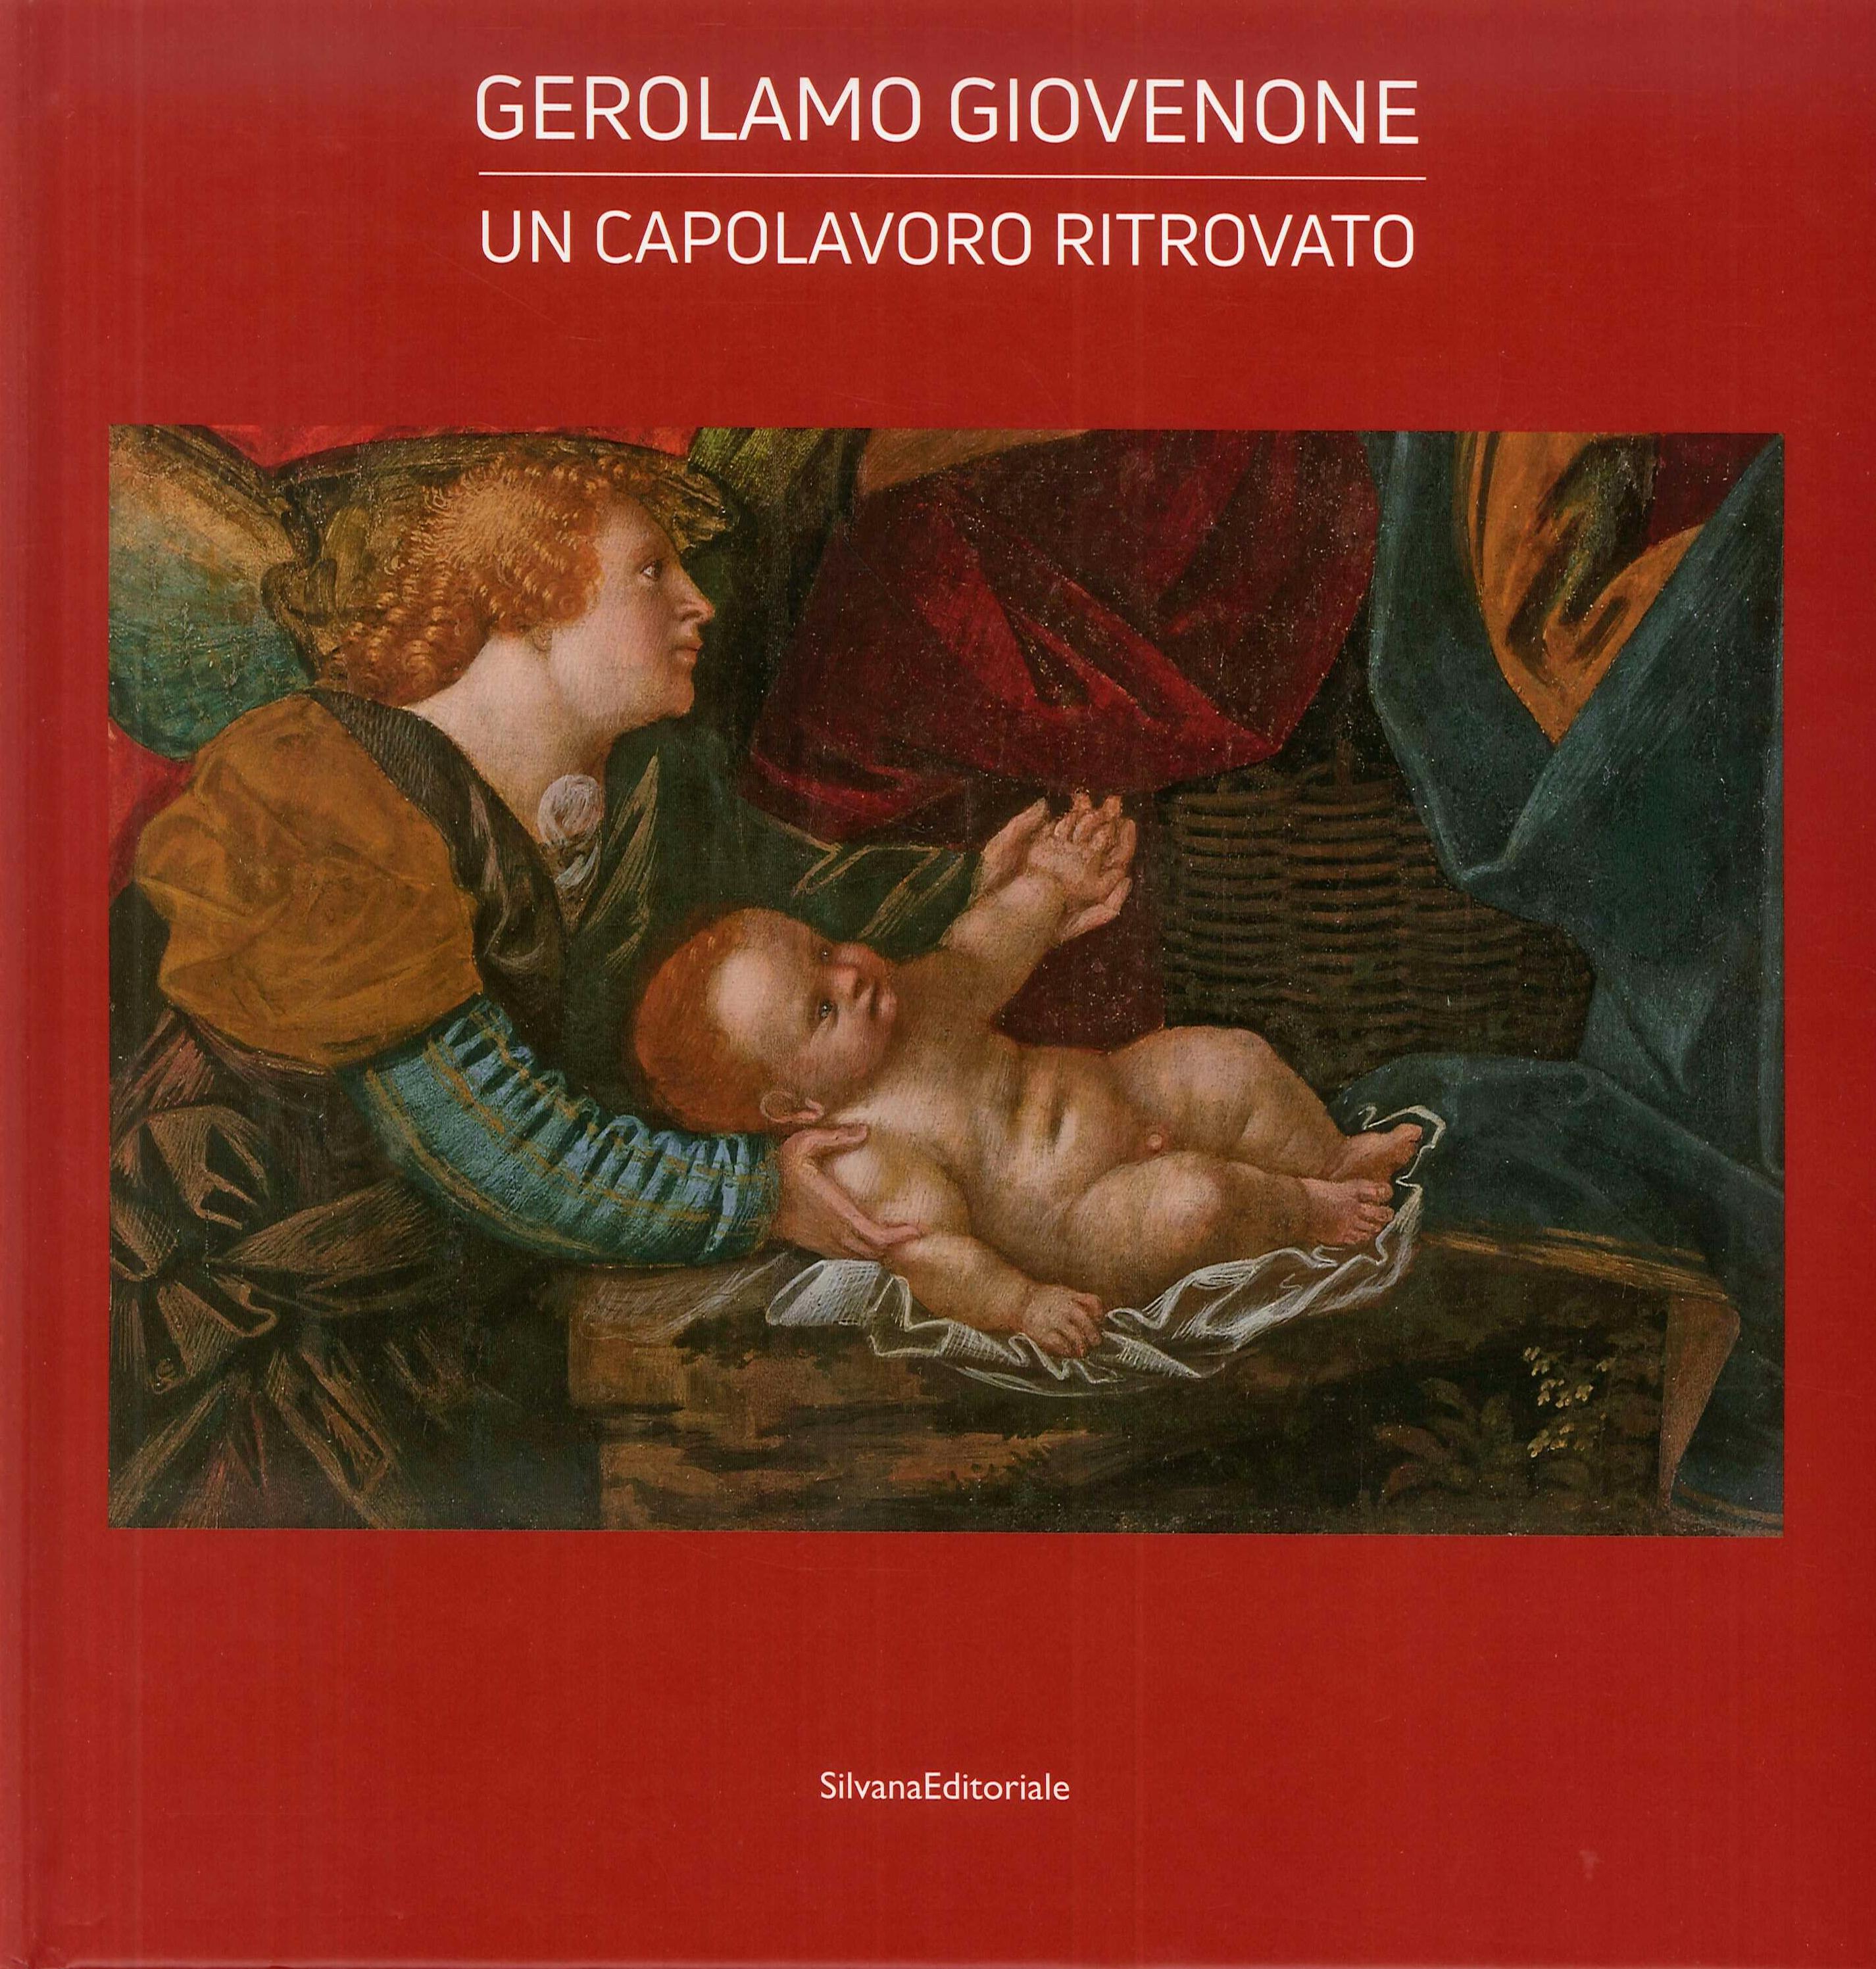 Gerolamo Giovenone. Un capolavoro ritrovato